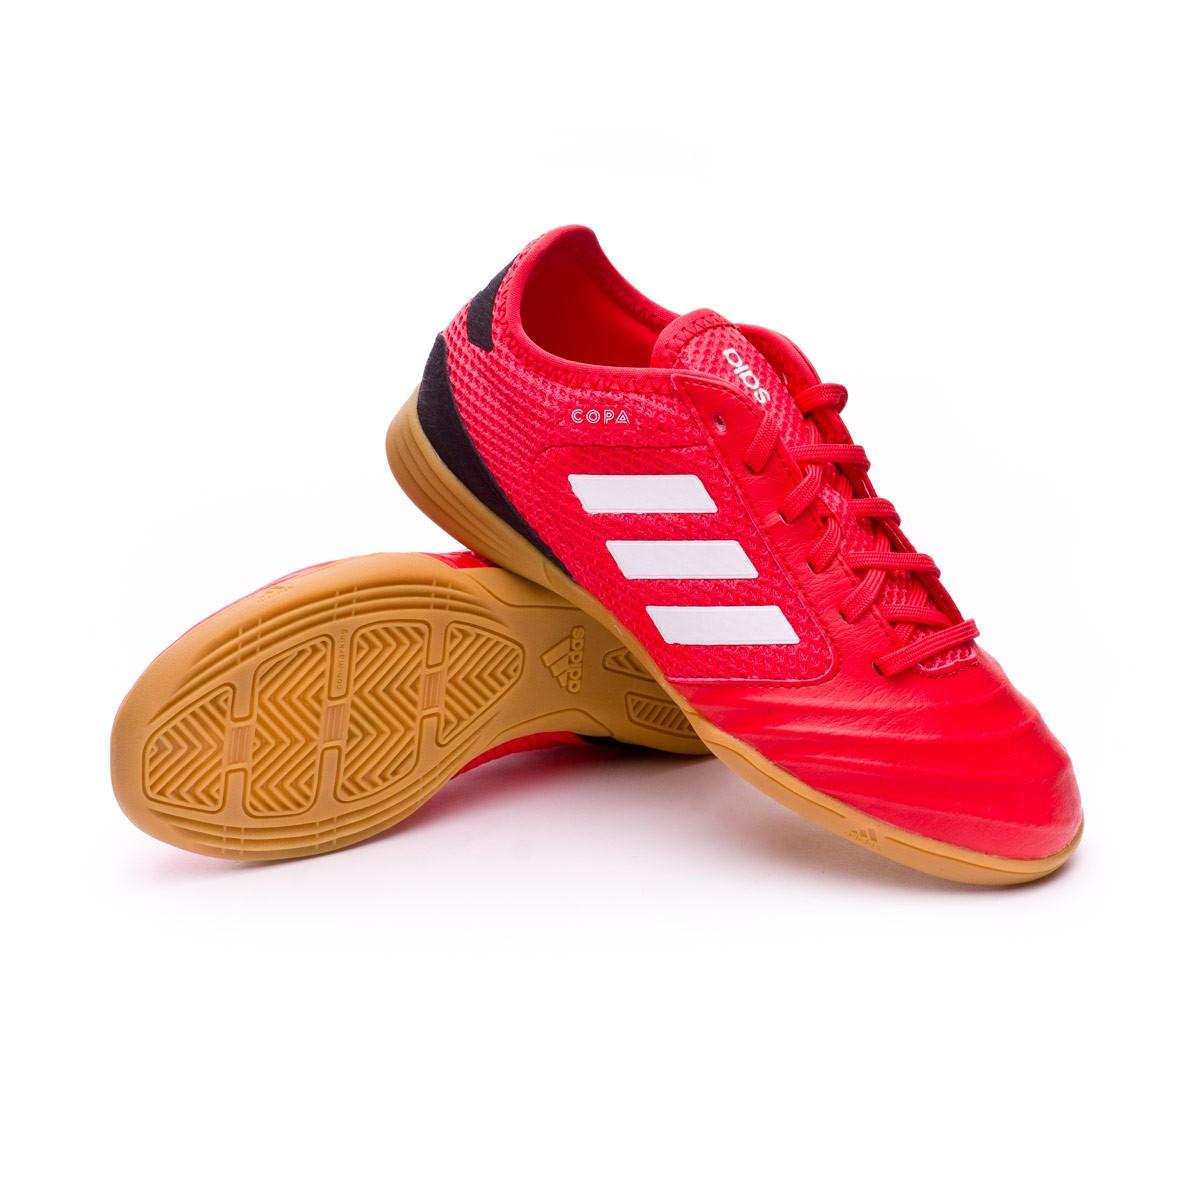 Soloporteros Adidas Emotion Sala Fútbol Zapatillas Es De Ahora qOwC88